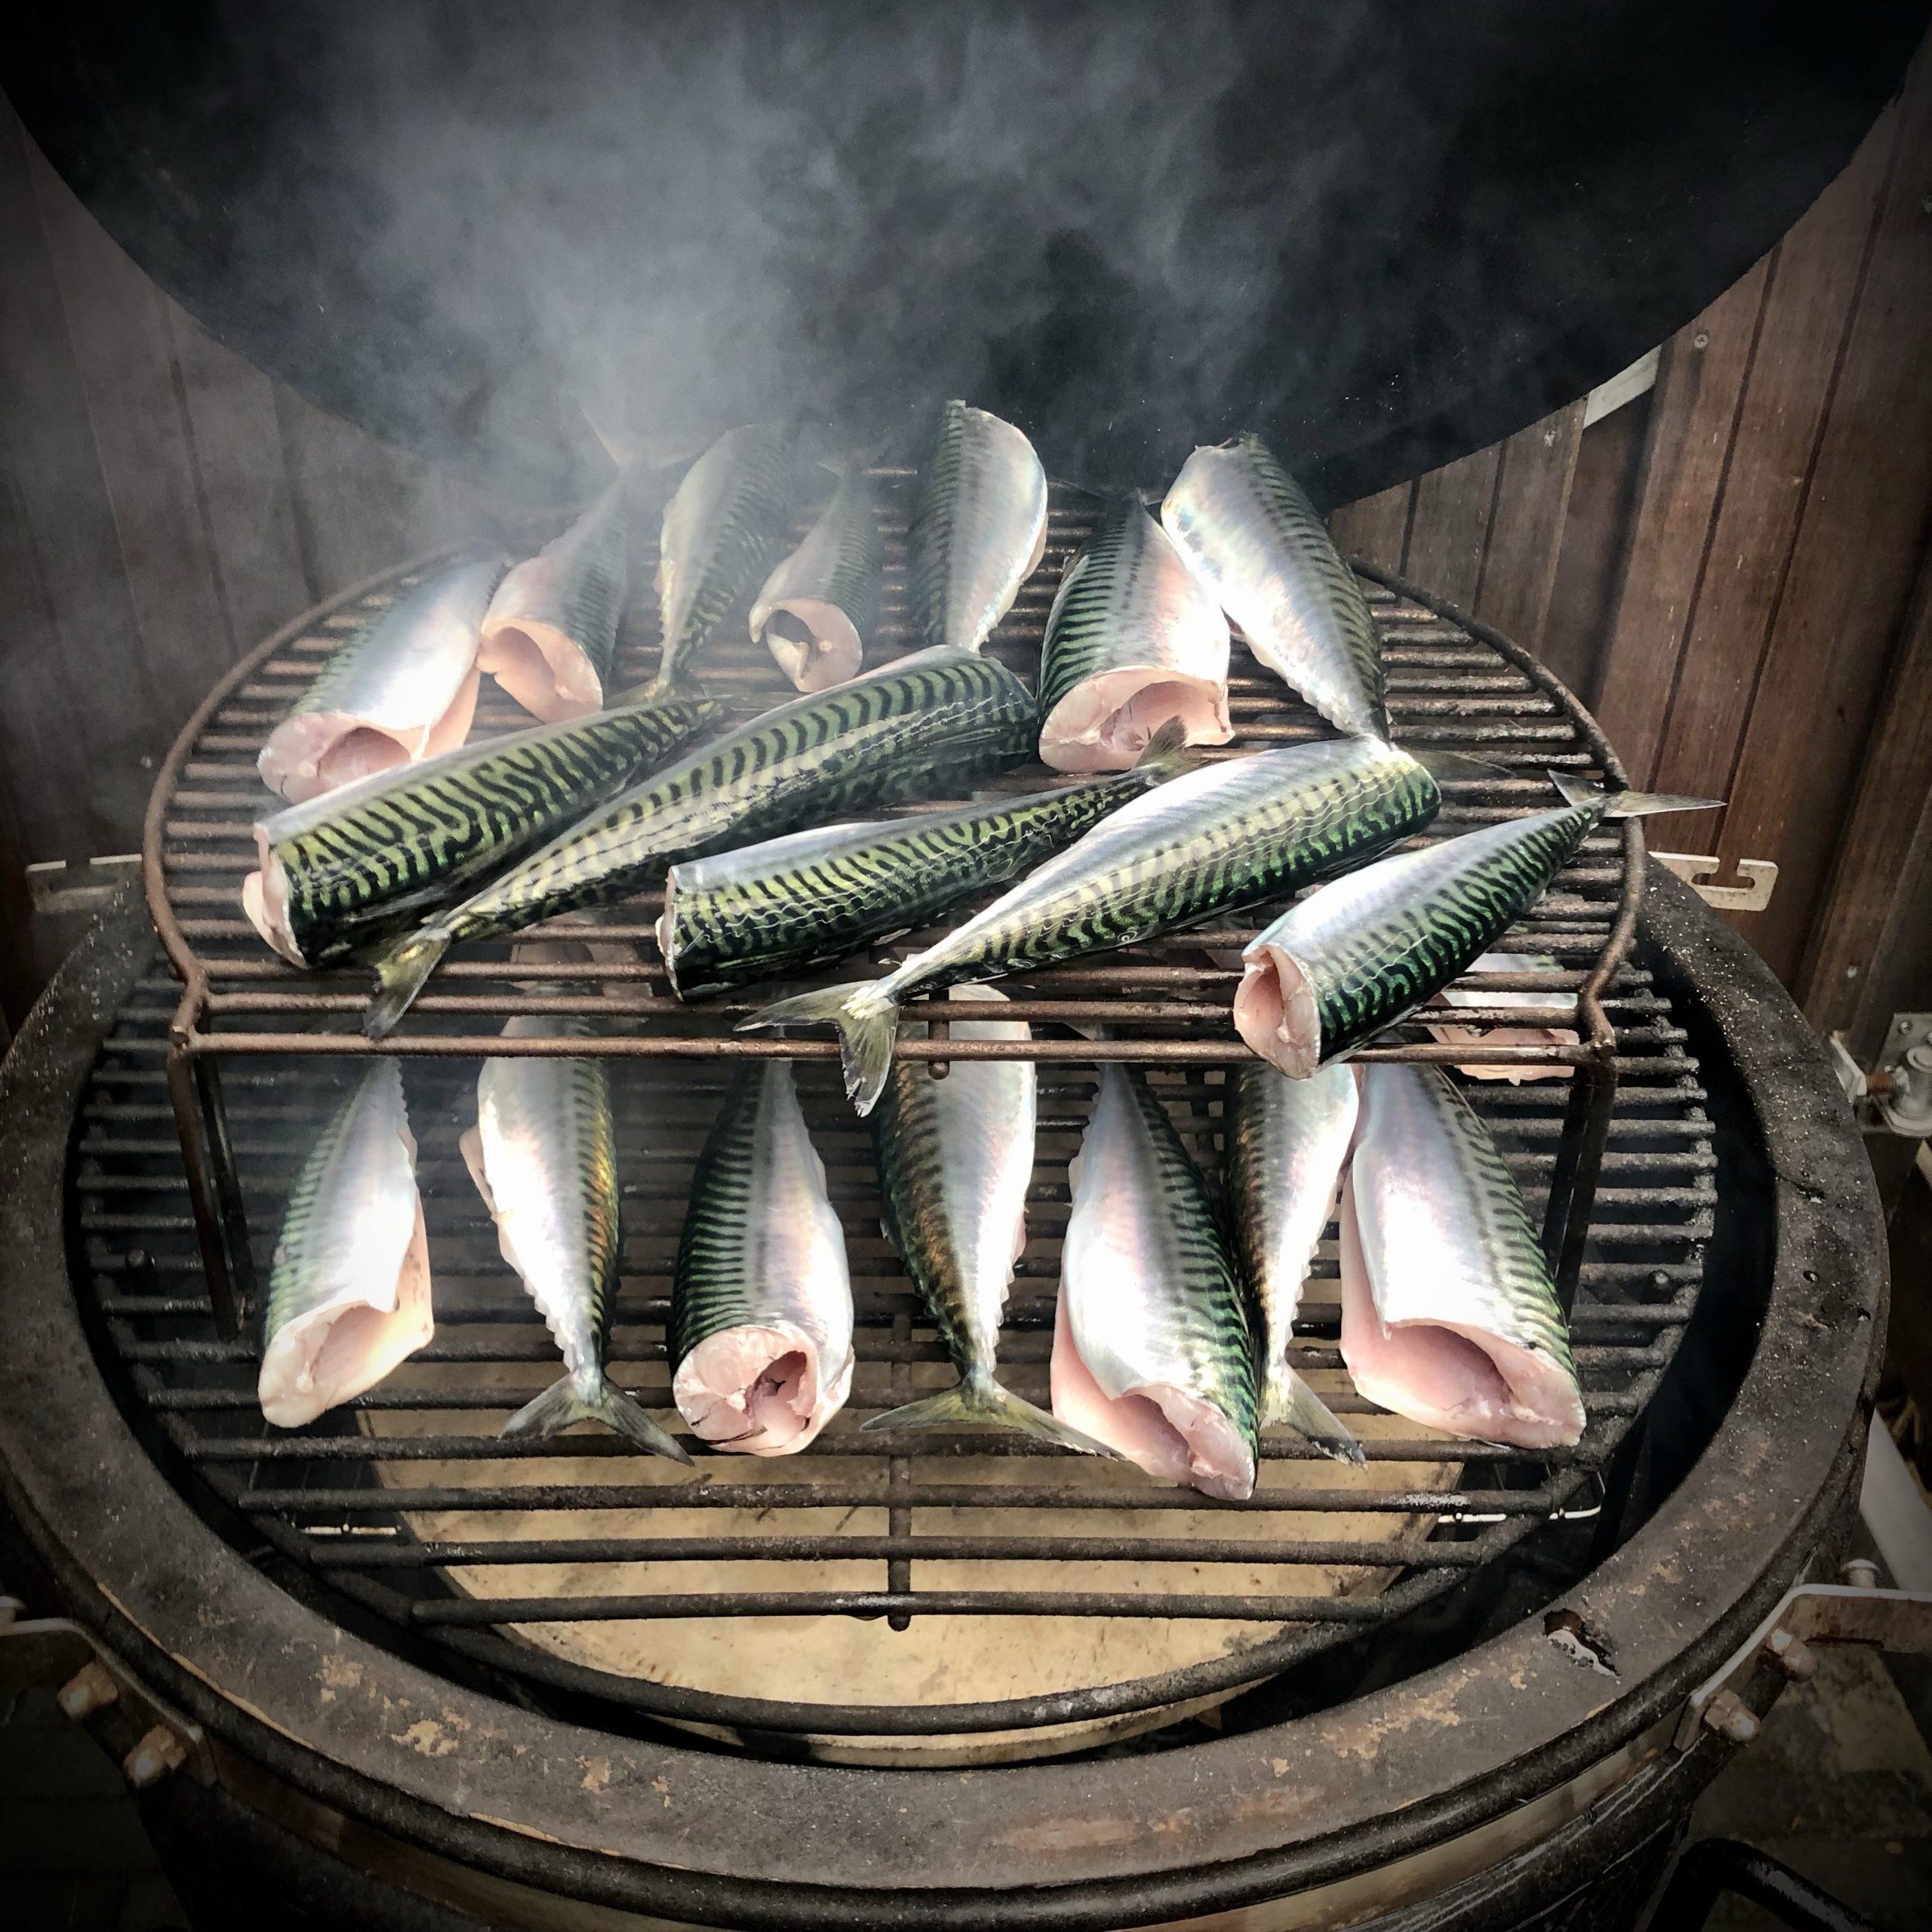 Makreelvissen op zee en daarna thuis roken